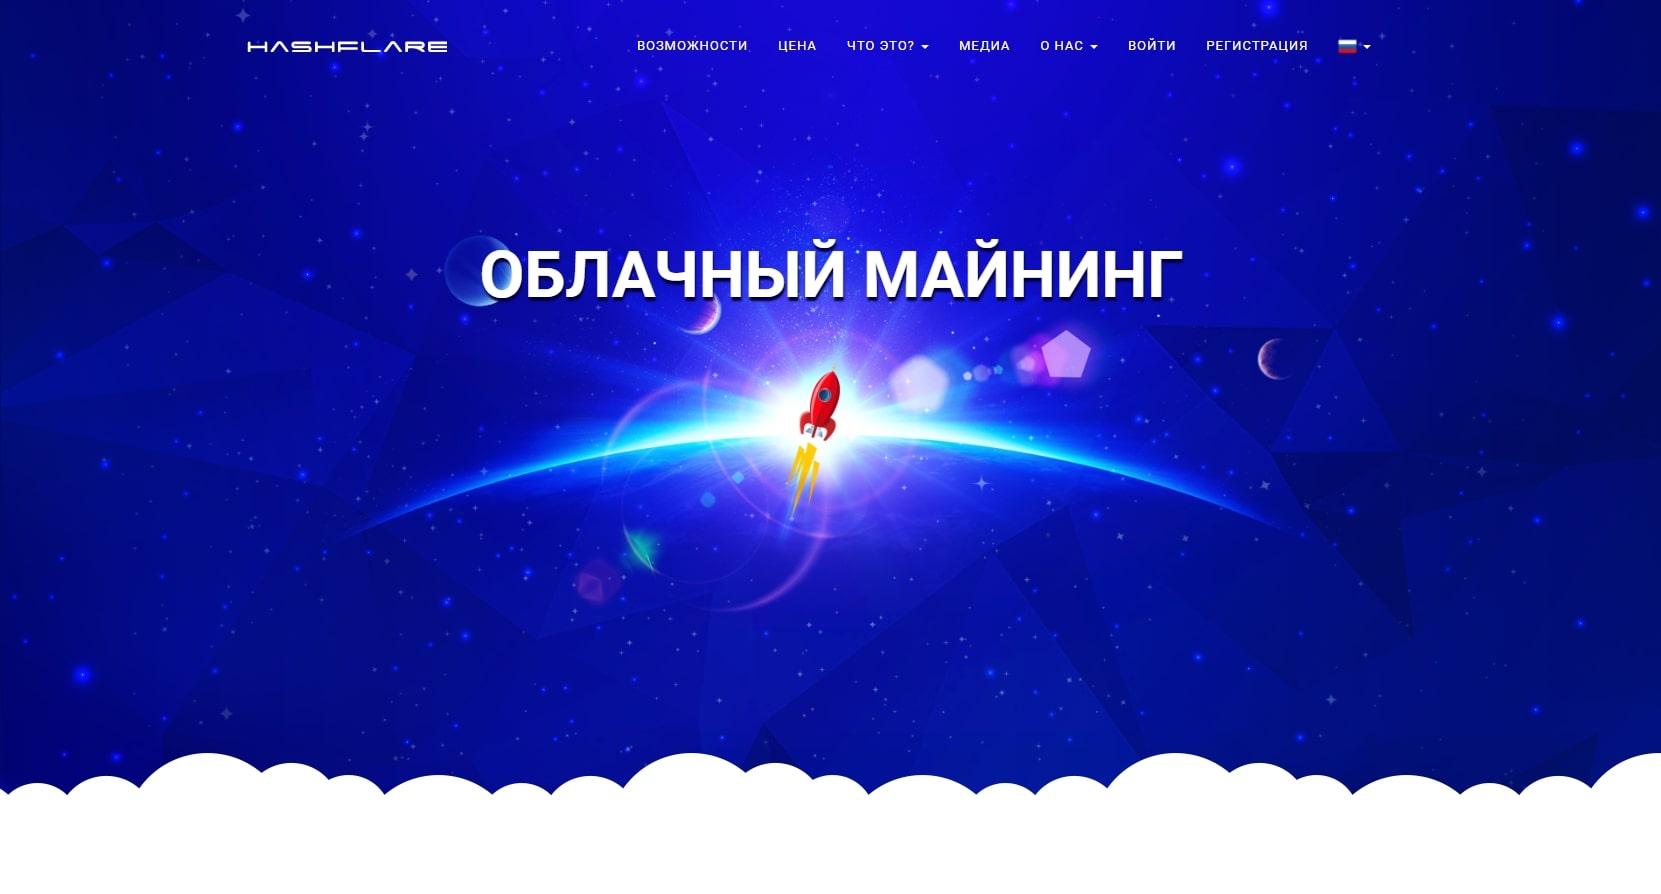 Главная страница сайта Hashflare